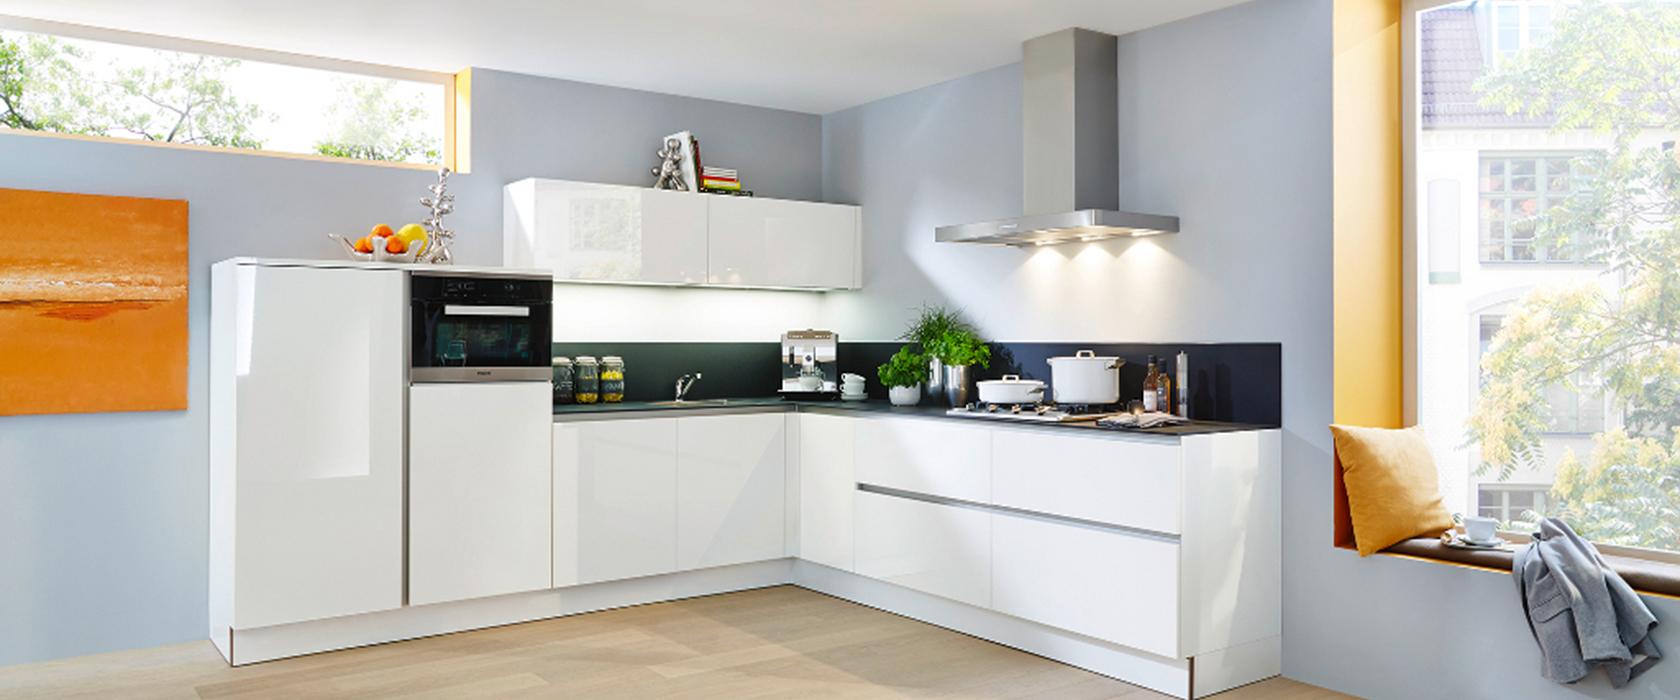 Logicart keukens keuken totaal - Eigentijdse keuken grijs ...